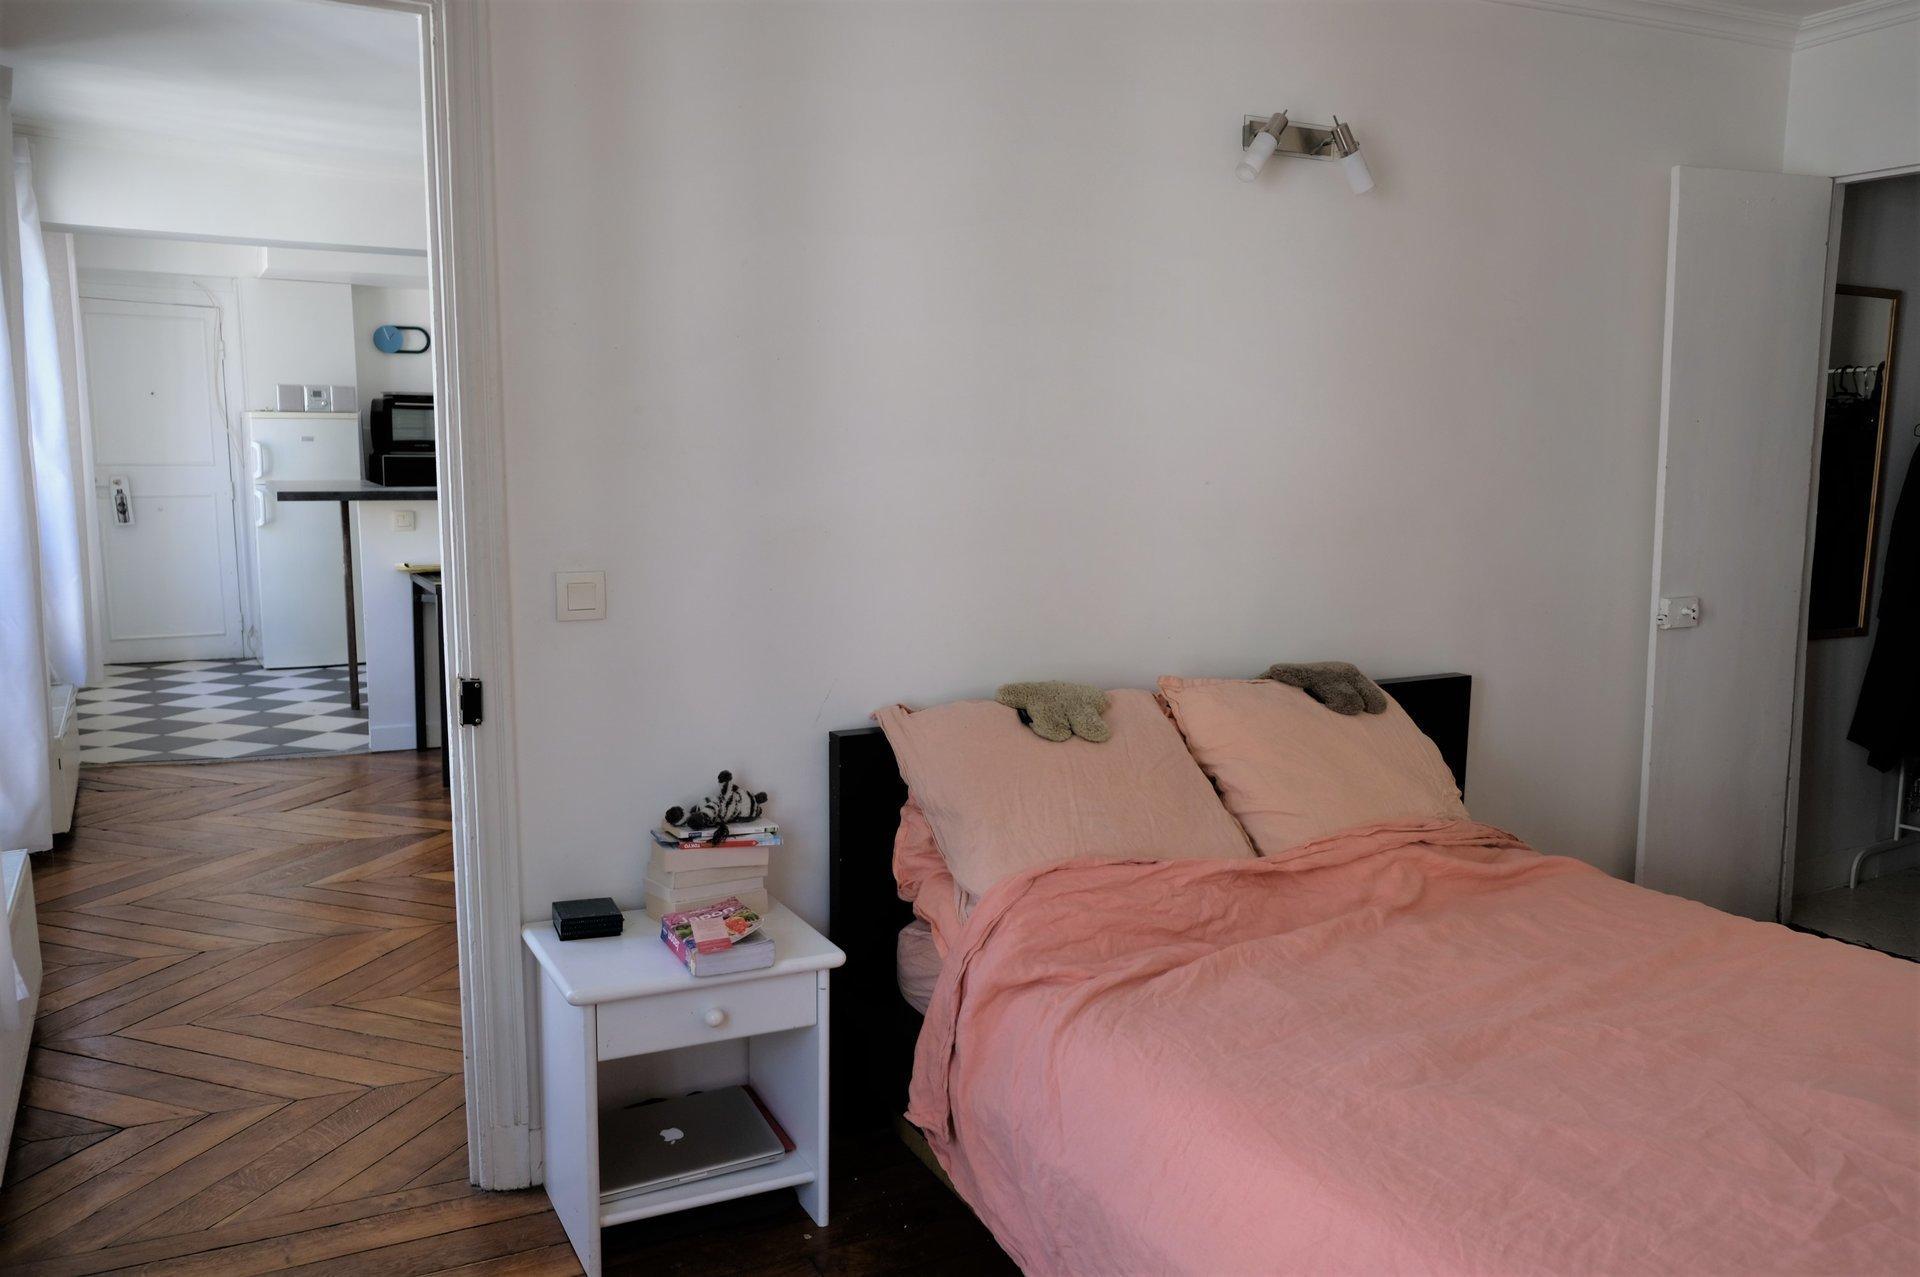 Affitto Appartamento - Paris 10ème Porte-Saint-Martin